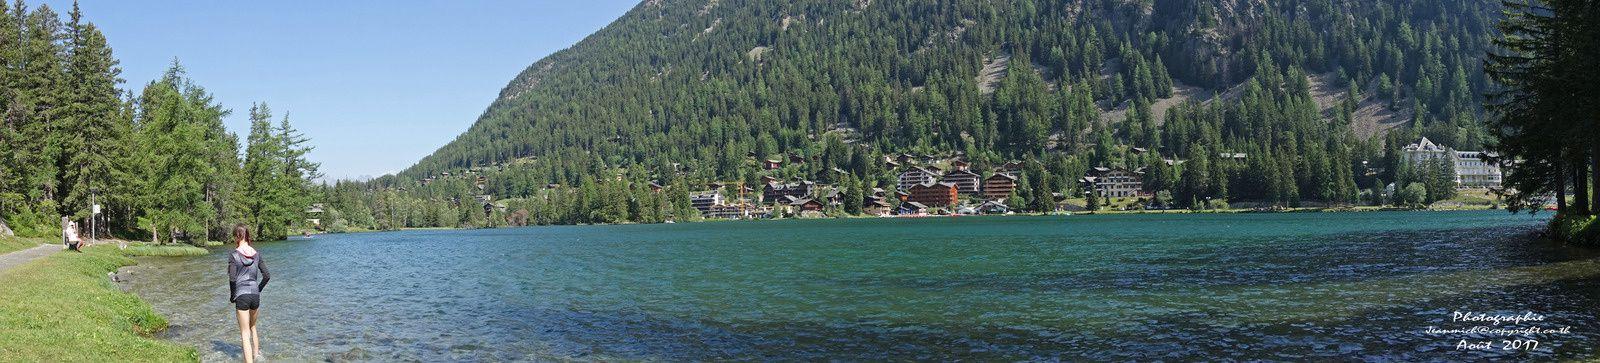 Champex le lac, merveilleux endroit (Suisse, Valais)